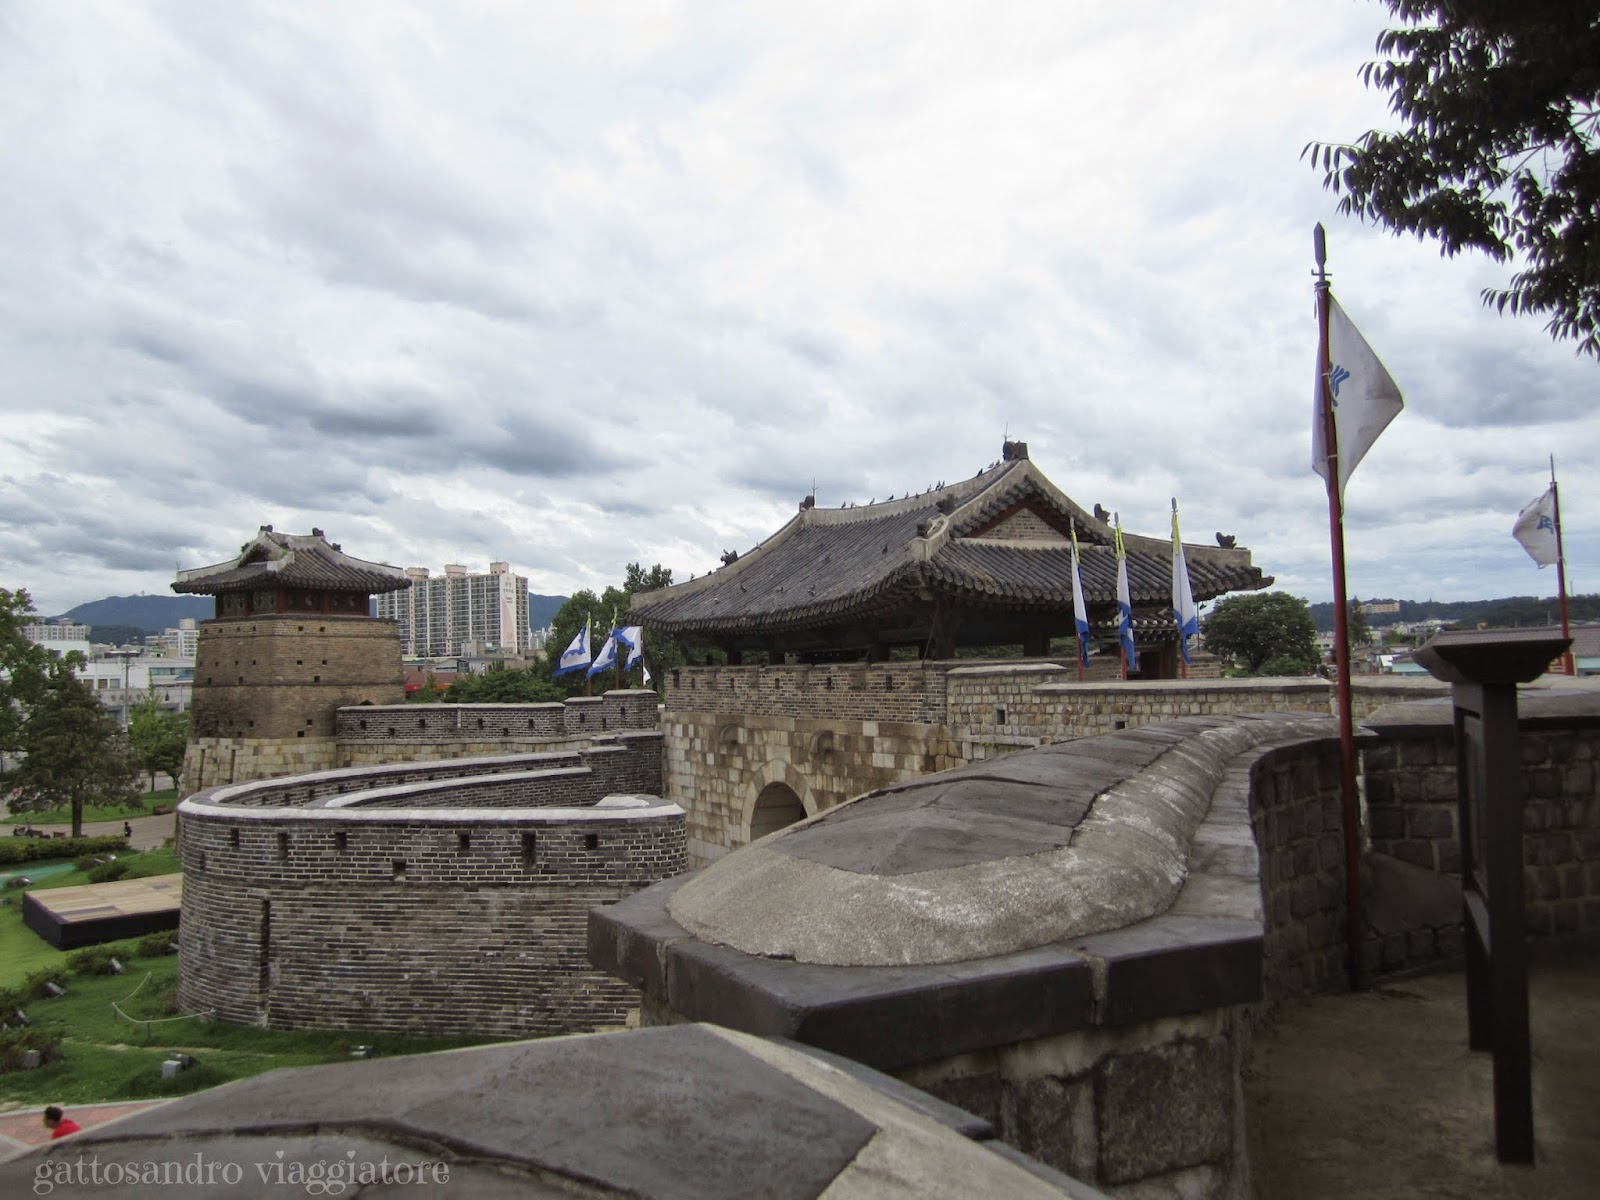 Hwaseoumun - Suwon Hwaseong Fortress